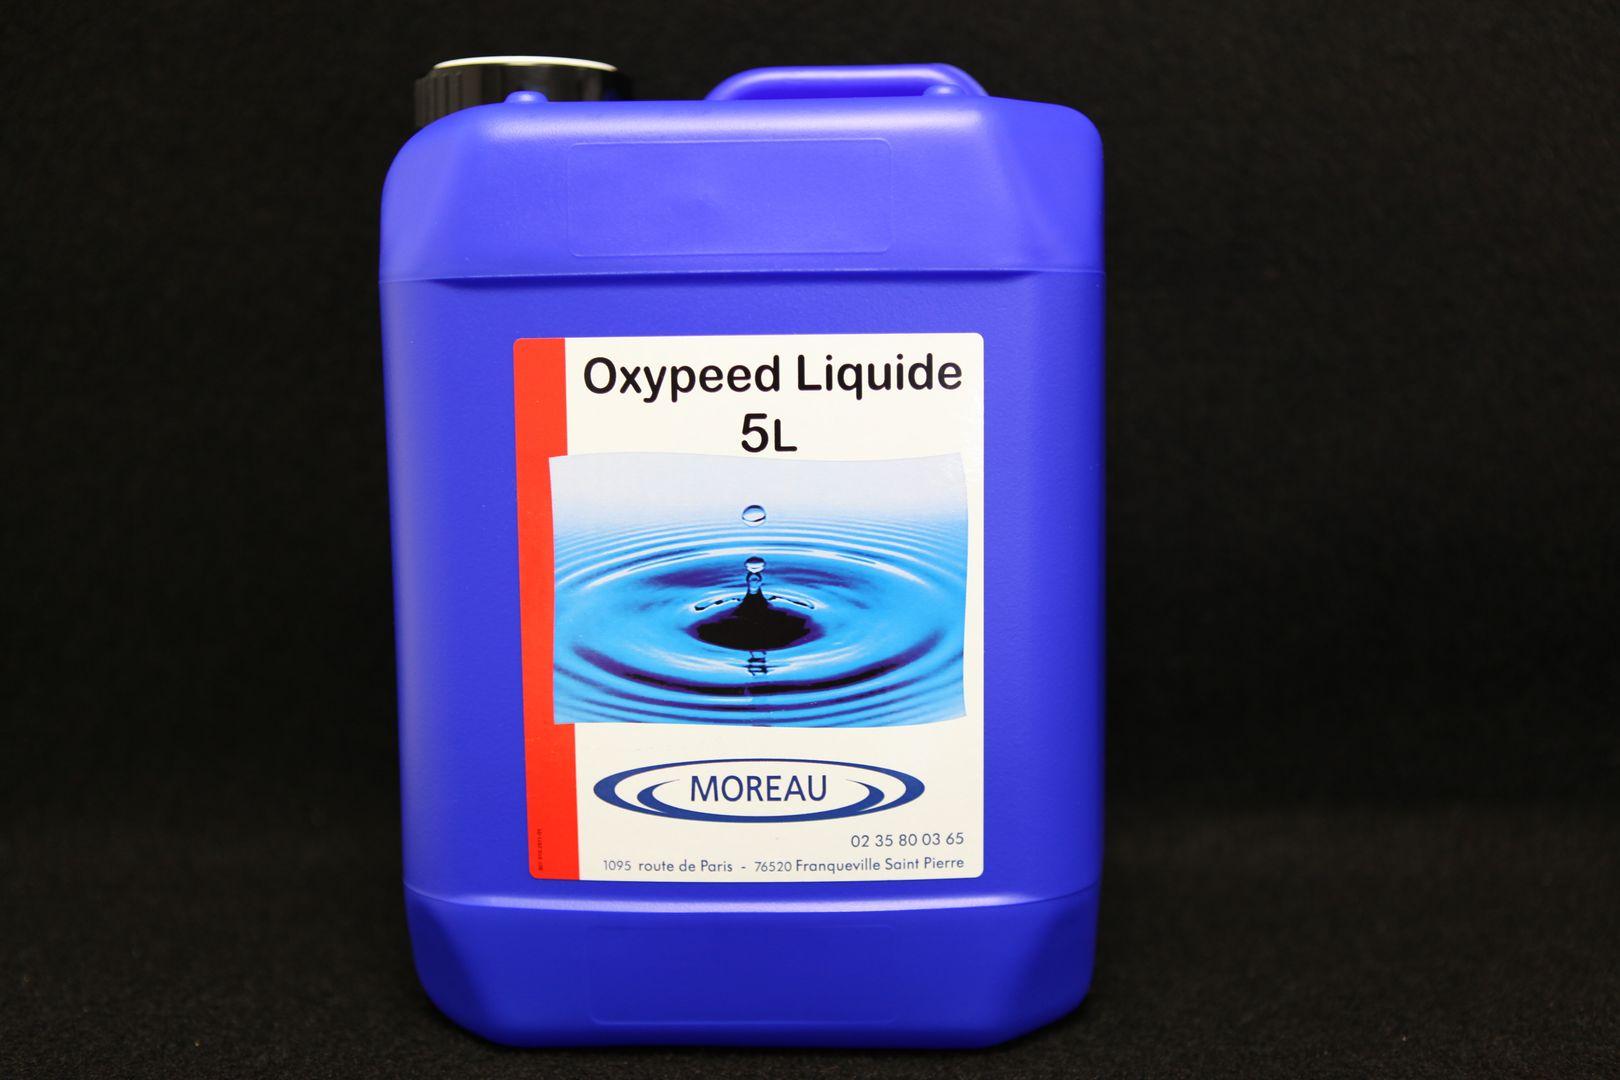 Oxyspeed - Jp Moreau - Les Piscines Moreau concernant Peroxyde D Hydrogène Pour Piscine